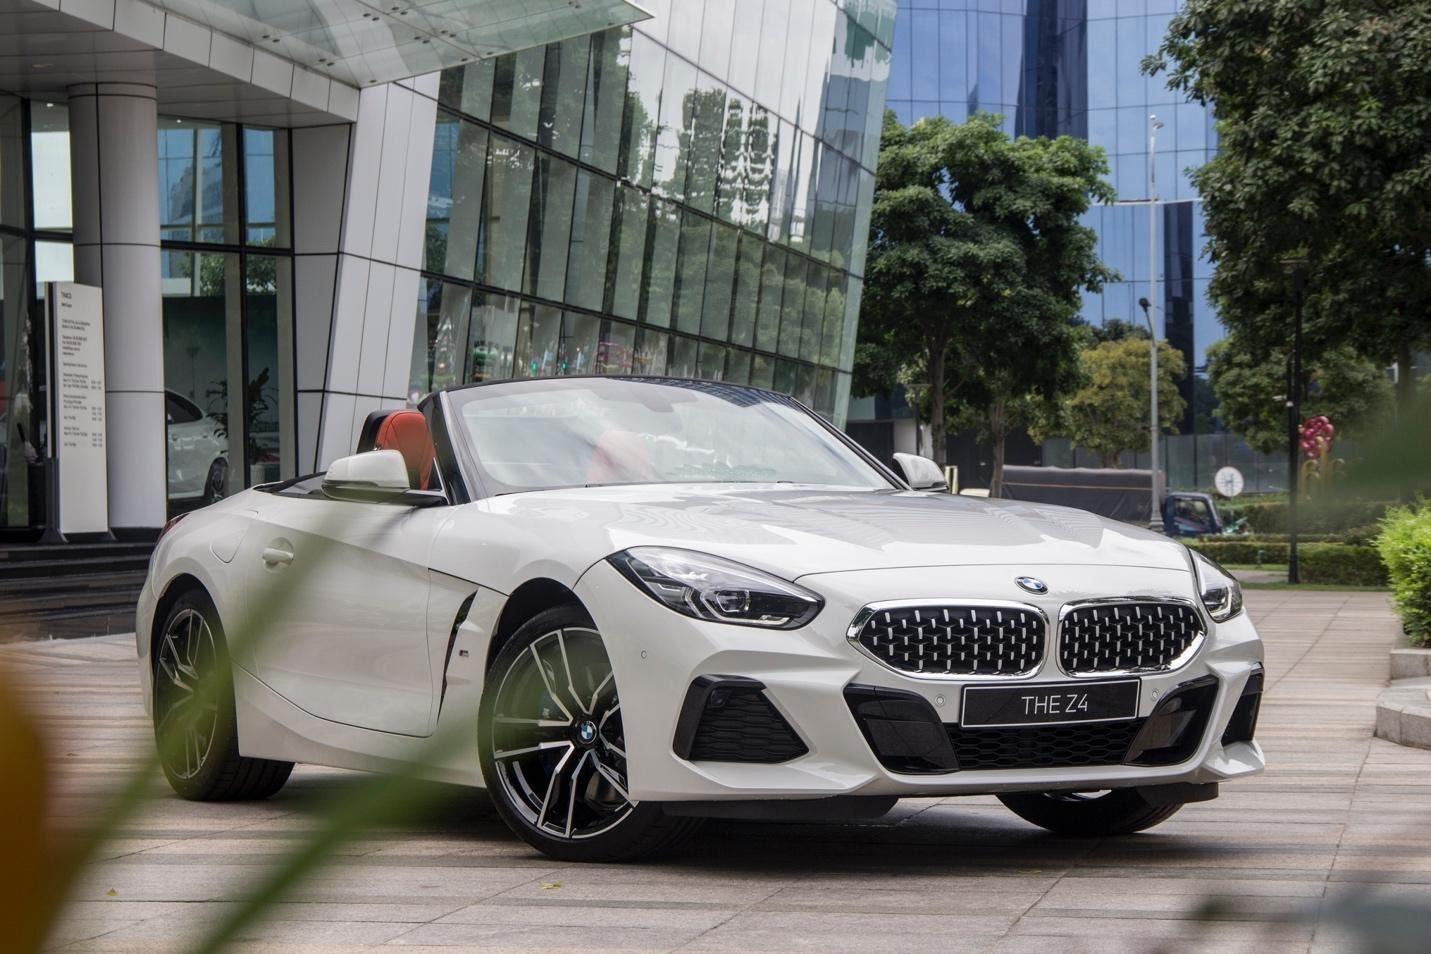 Thiết kế ngoại thất BMW Z4 thế hệ mới.